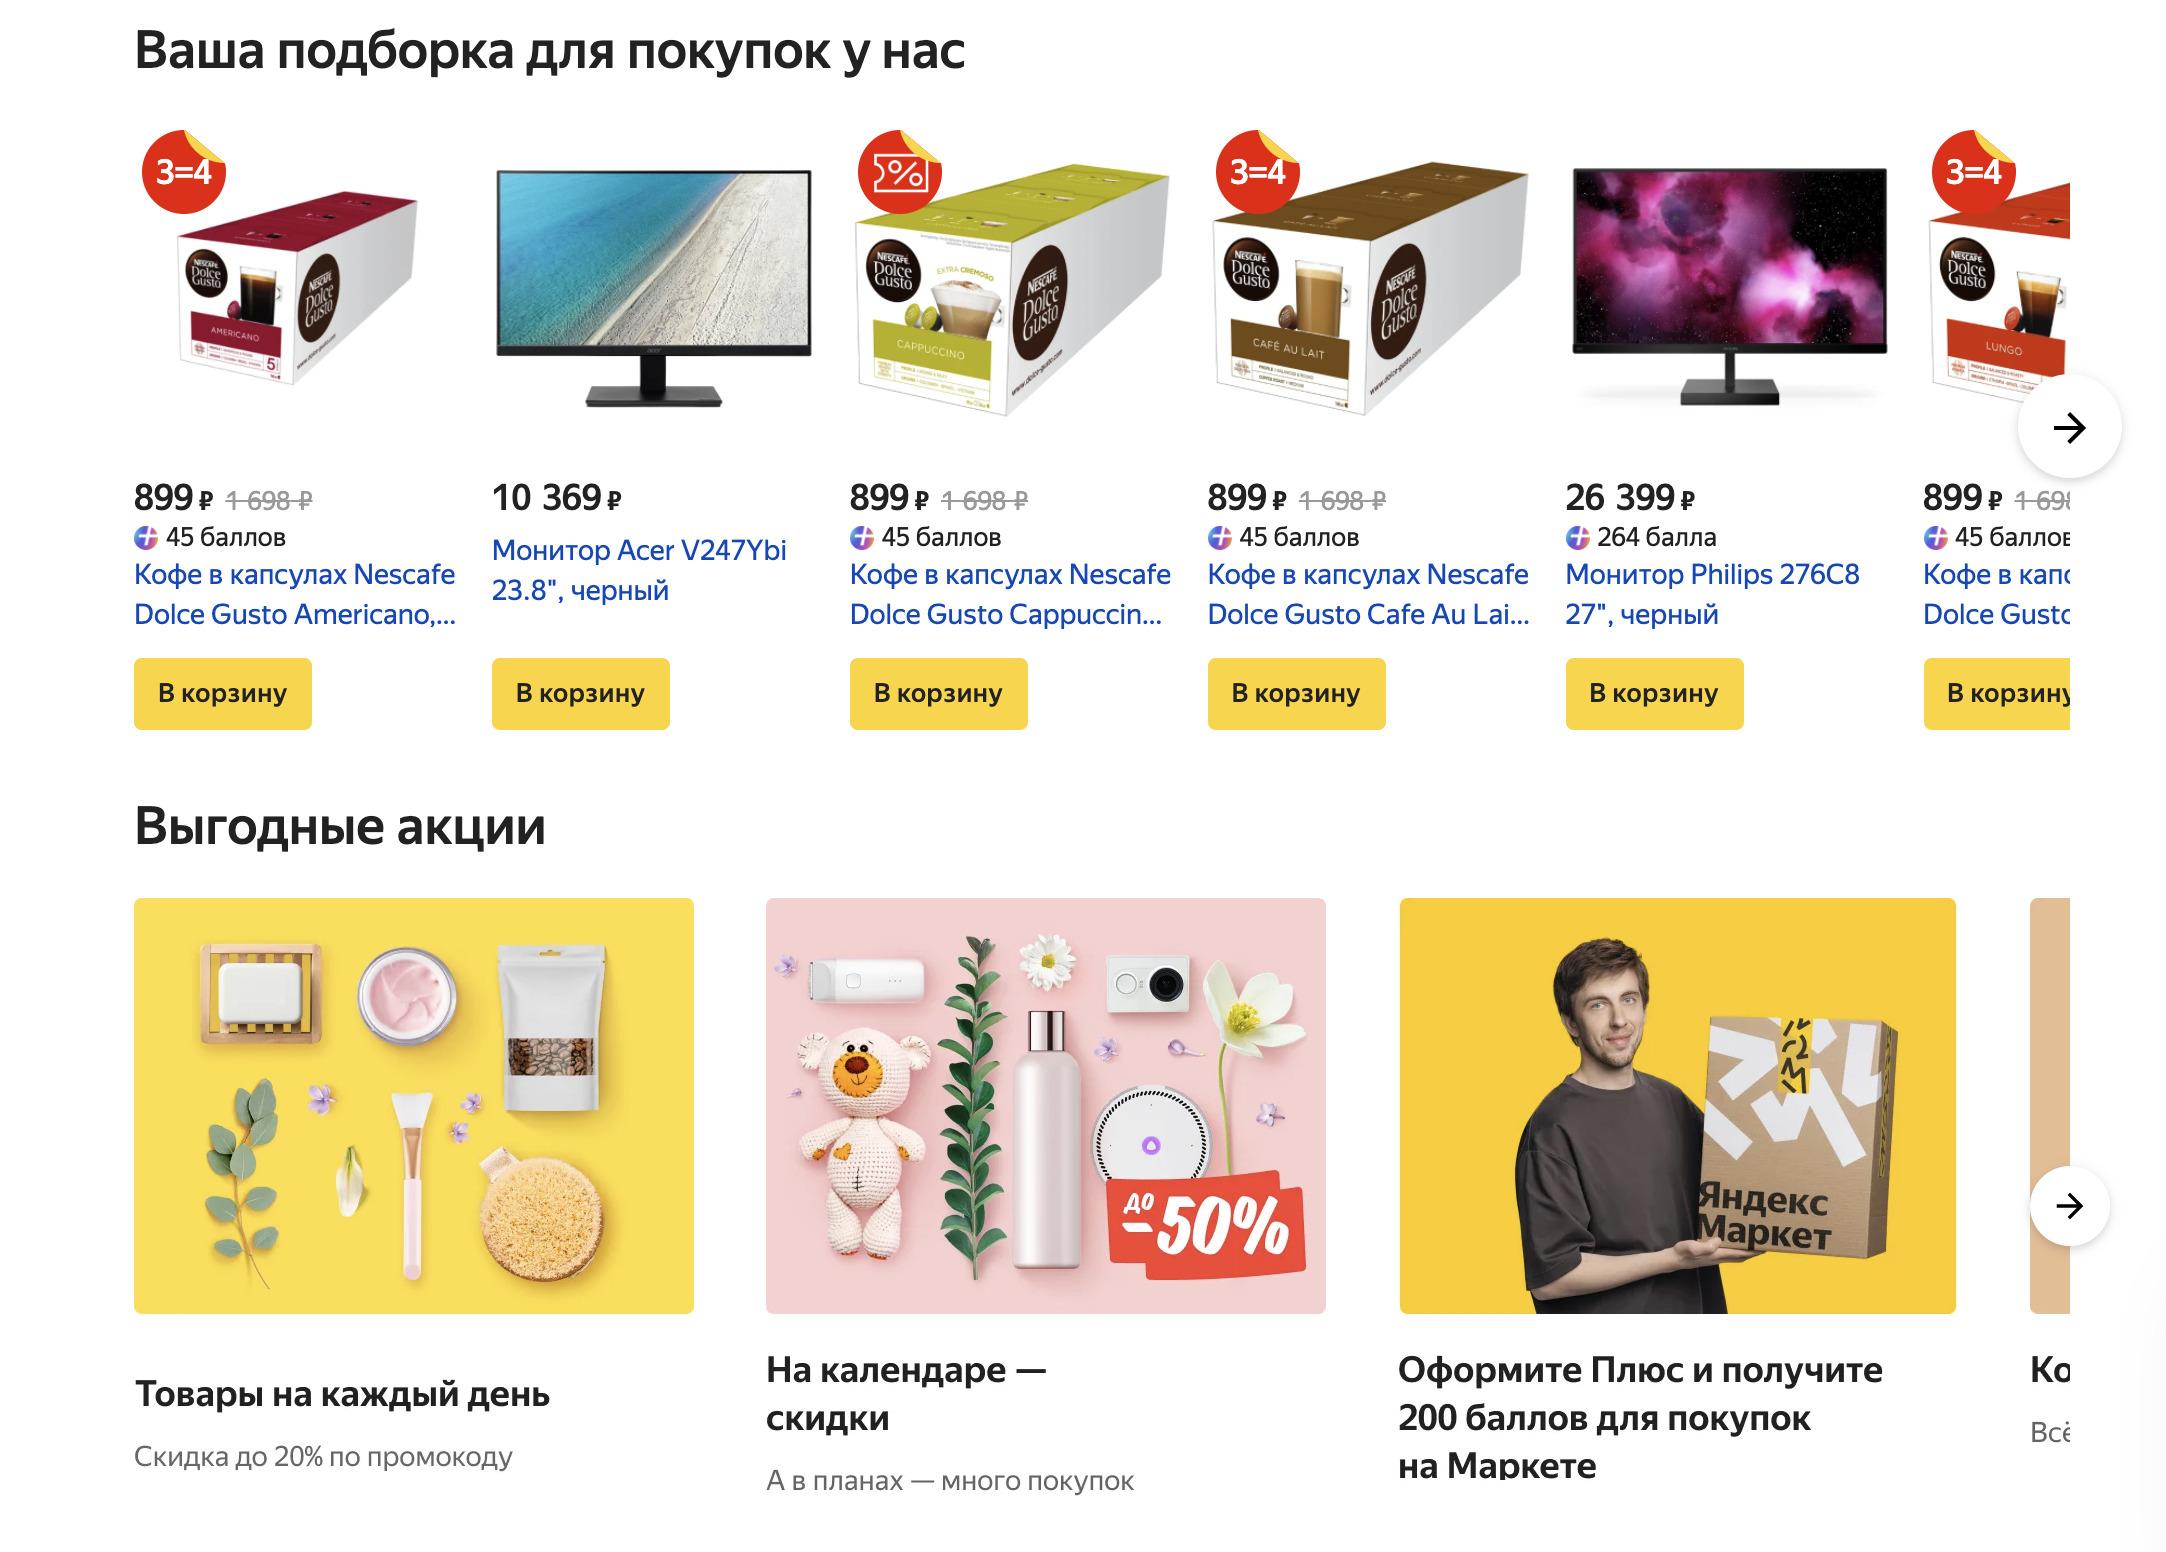 Доставка из Яндекс.Маркет в Шуя, сроки, пункты выдачи, каталог